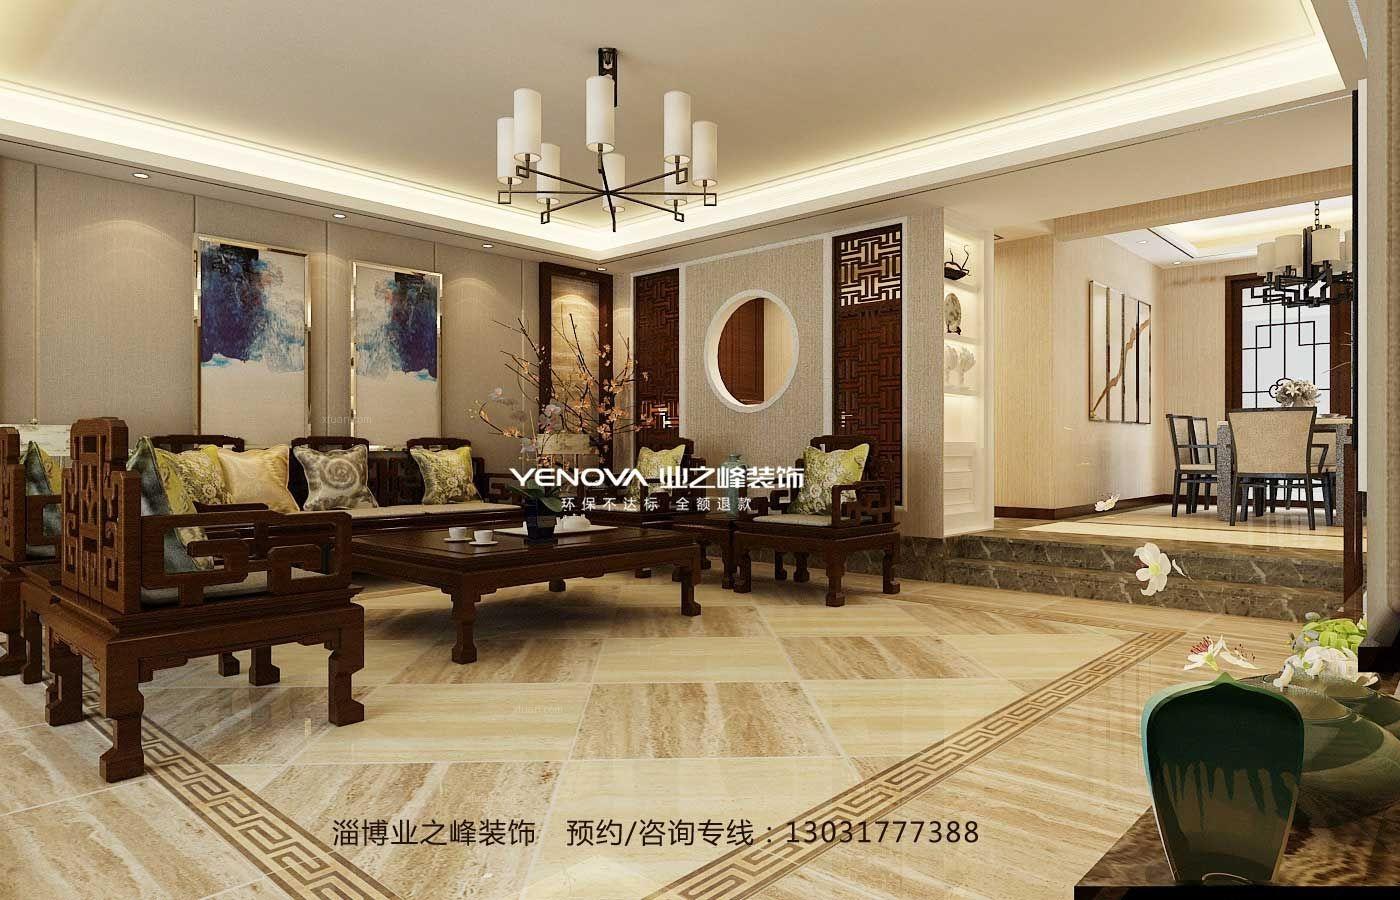 鸿嘉星城170㎡中式风格